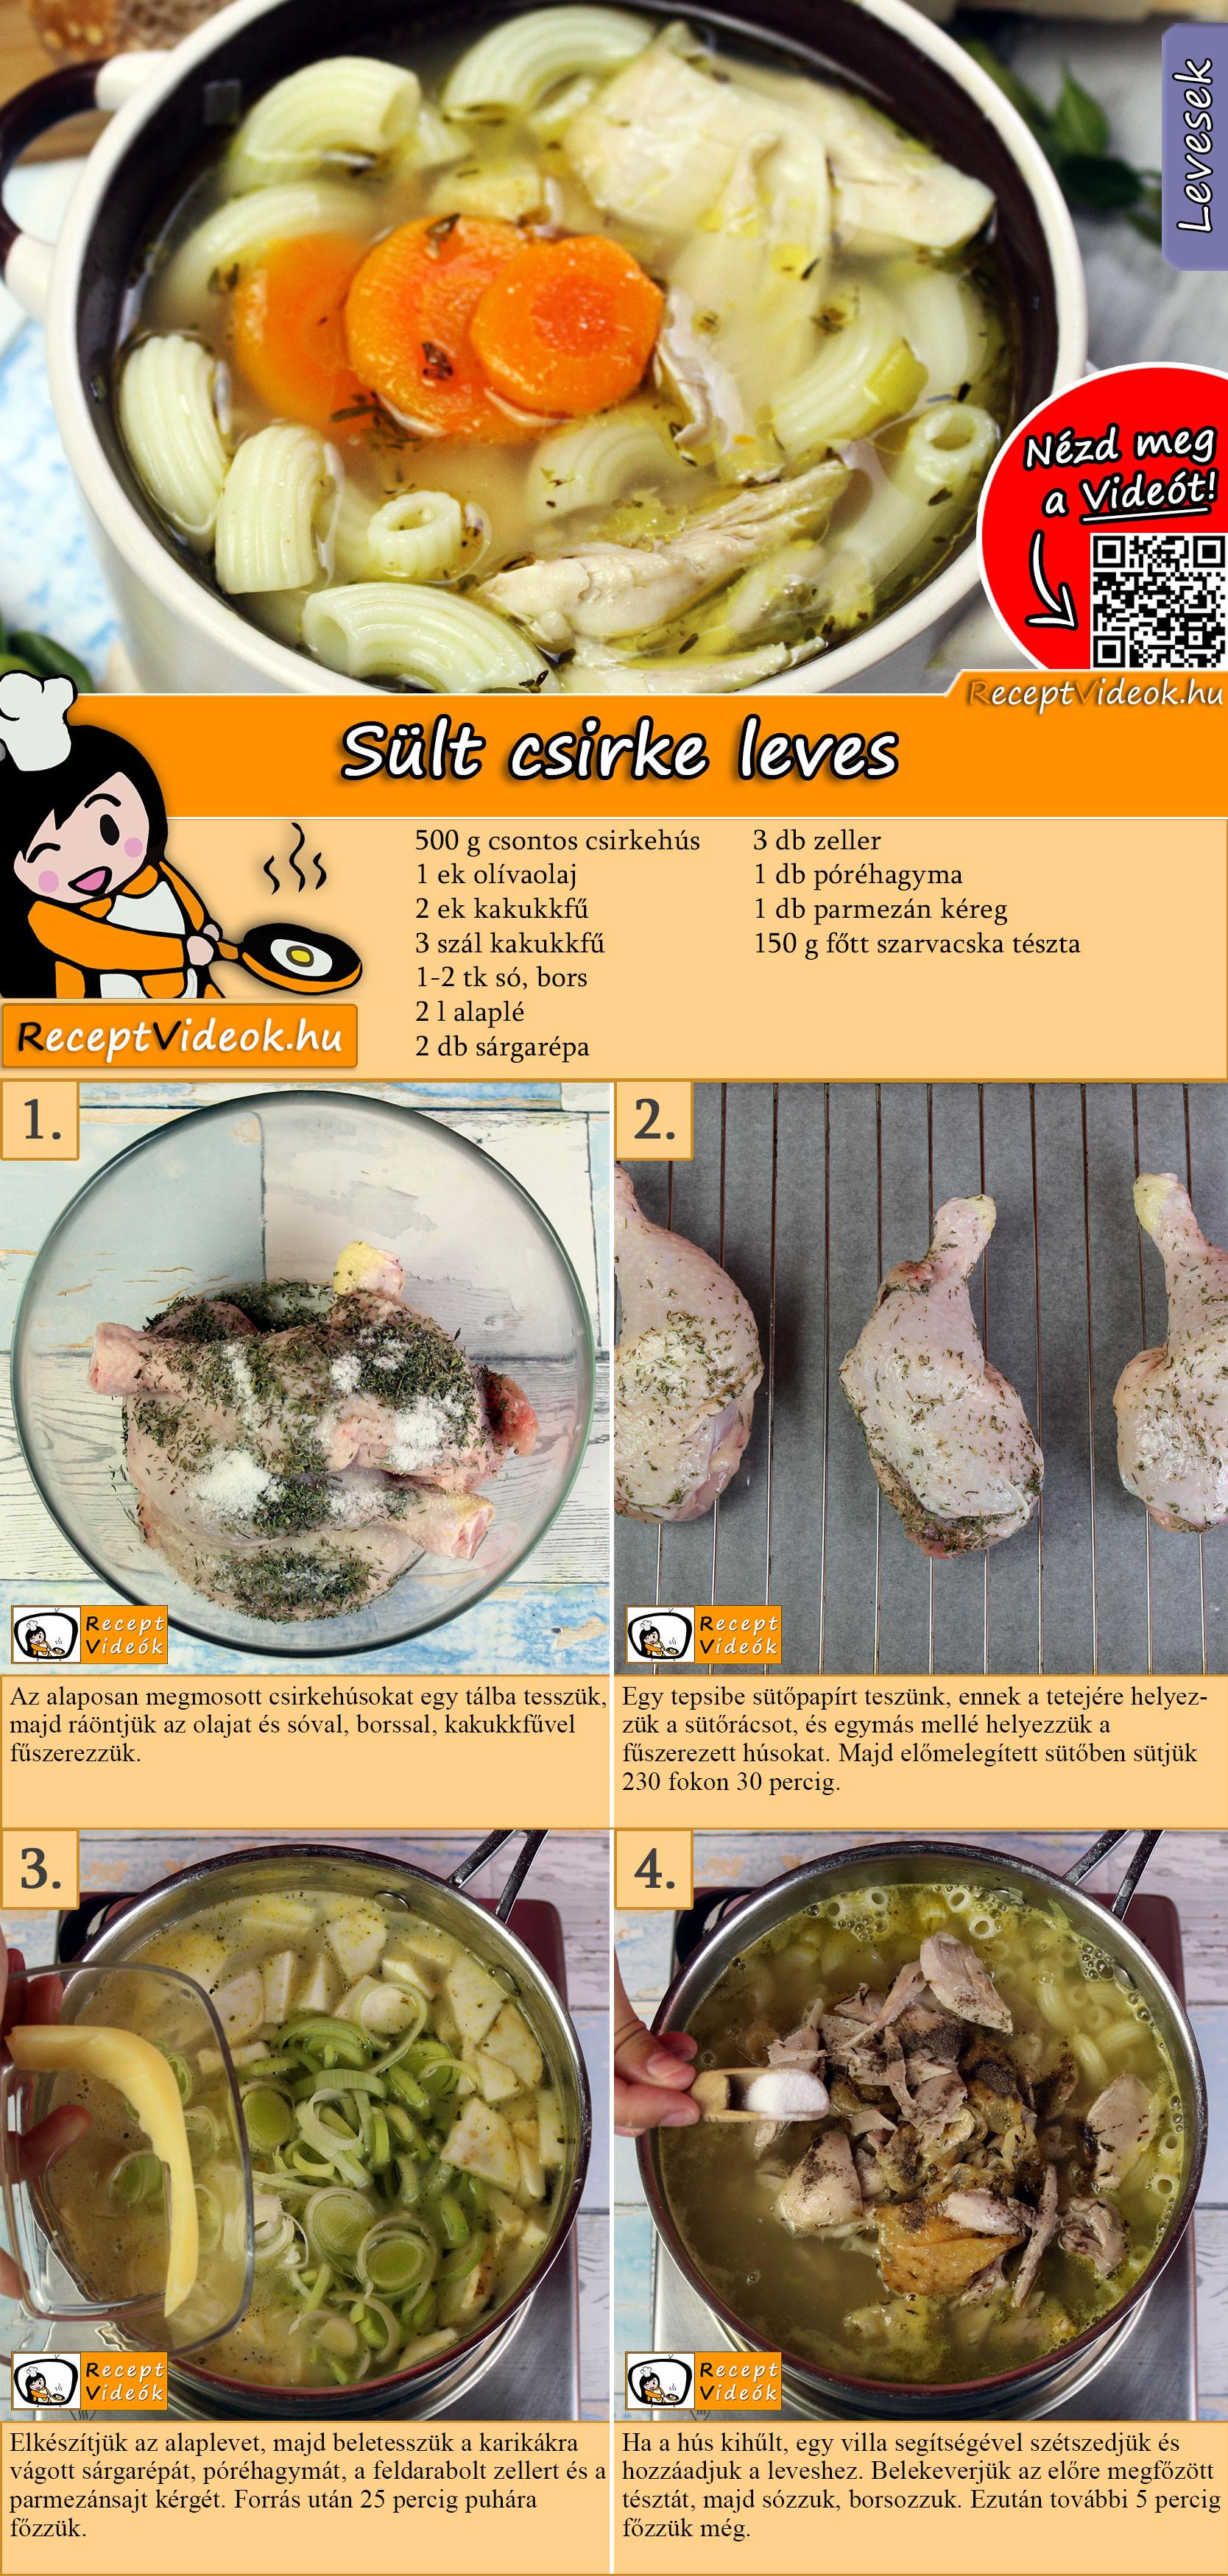 Sült csirke leves recept elkészítése videóval